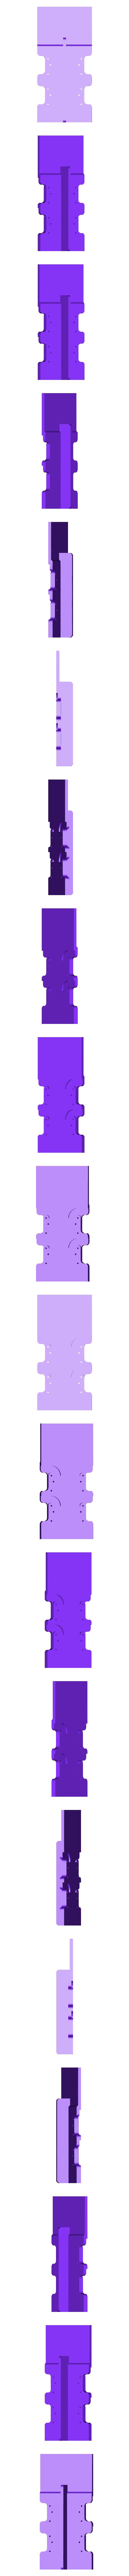 servo_base.stl Download free STL file 8 legged spider robot • 3D print design, brianbrocken